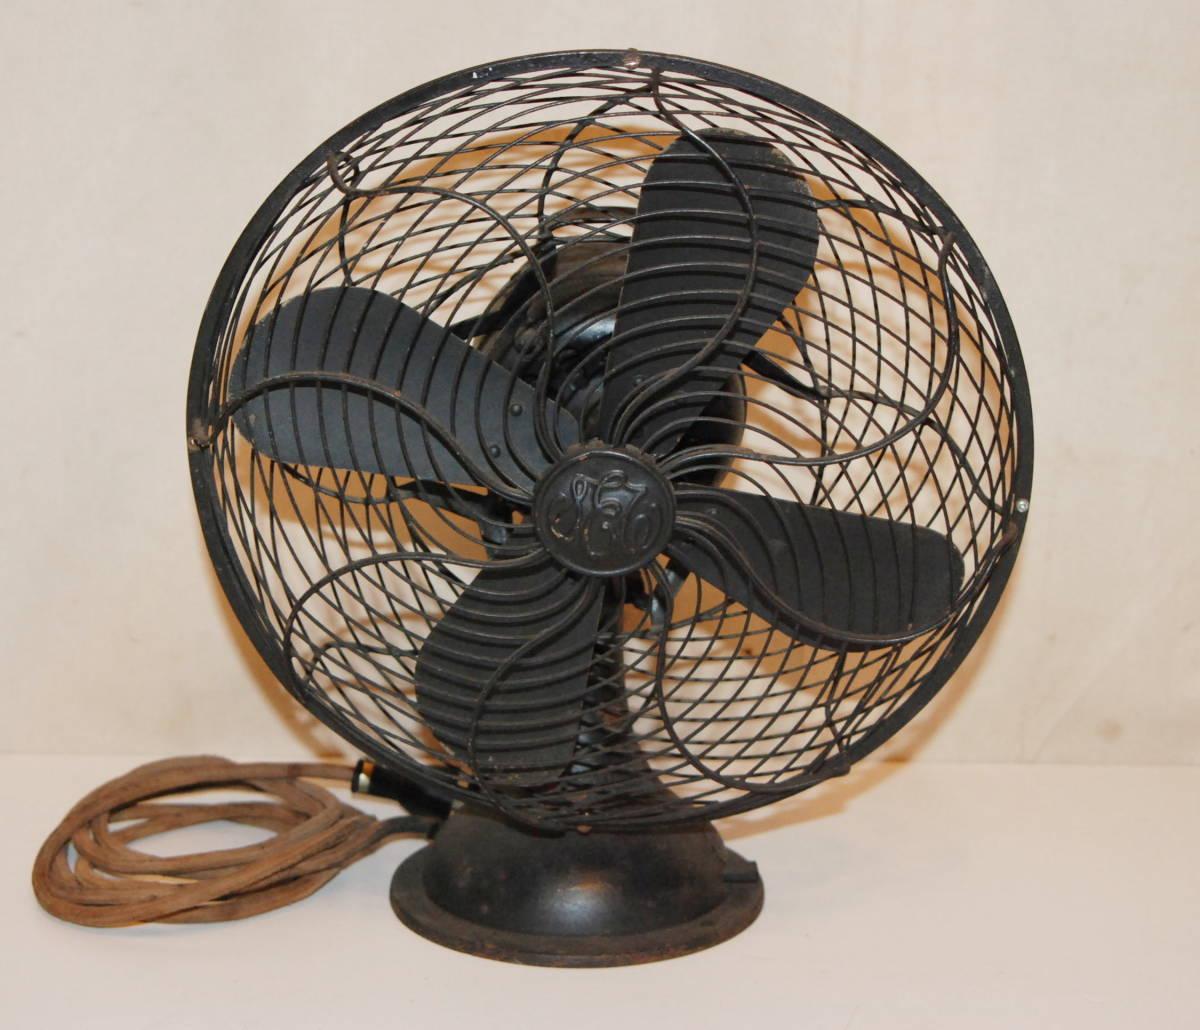 完動品 芝浦製作所扇風機 4枚羽金属製扇風機 戦前 アンティーク 昭和レトロ 風速調整・首振り作動